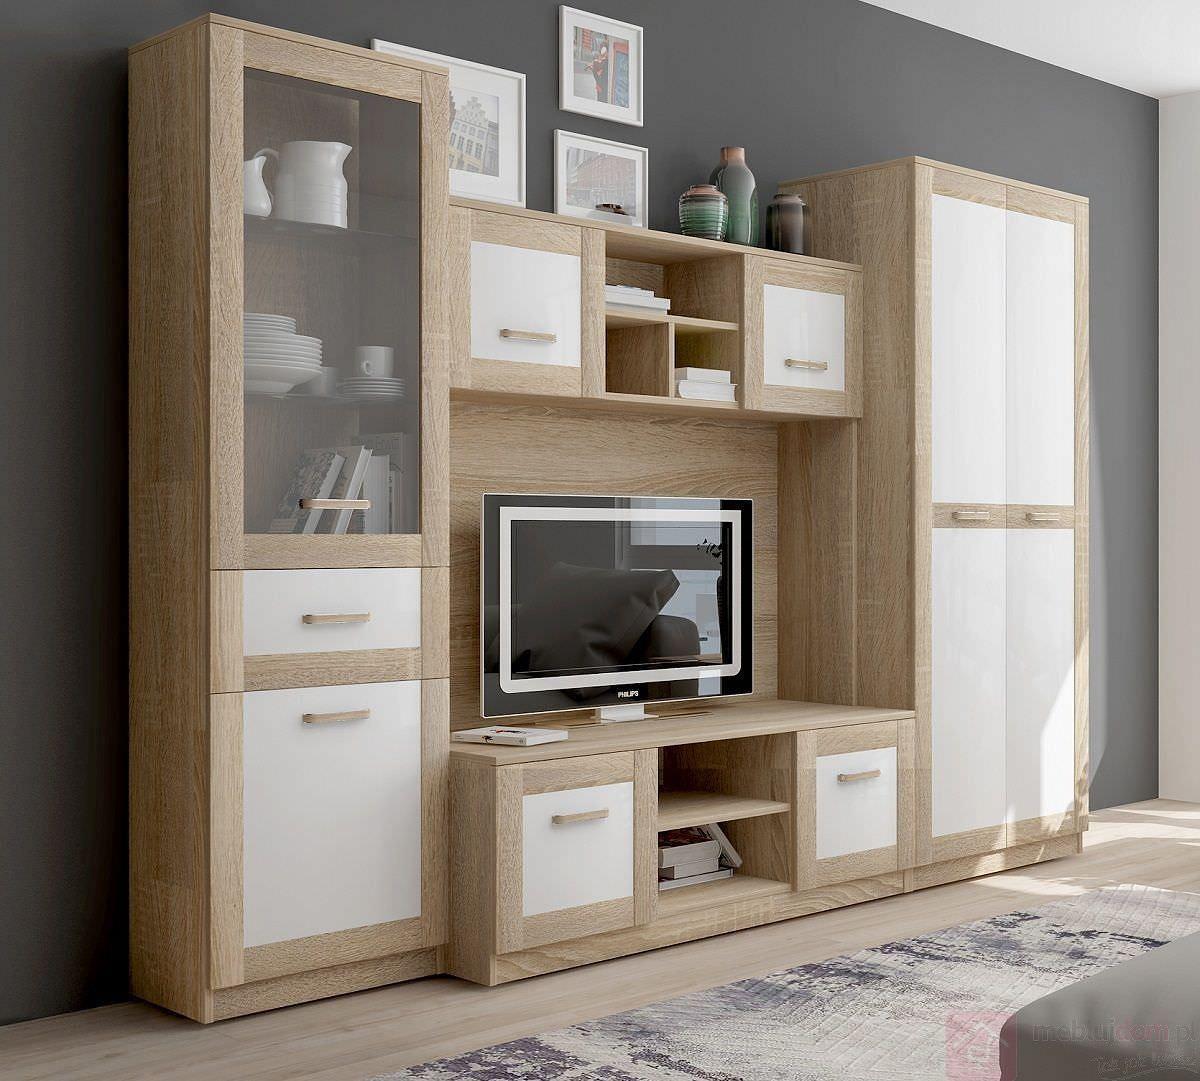 Tủ tivi với gam màu gỗ và trắng phối hợp vô cùng hài hào, trang nhã